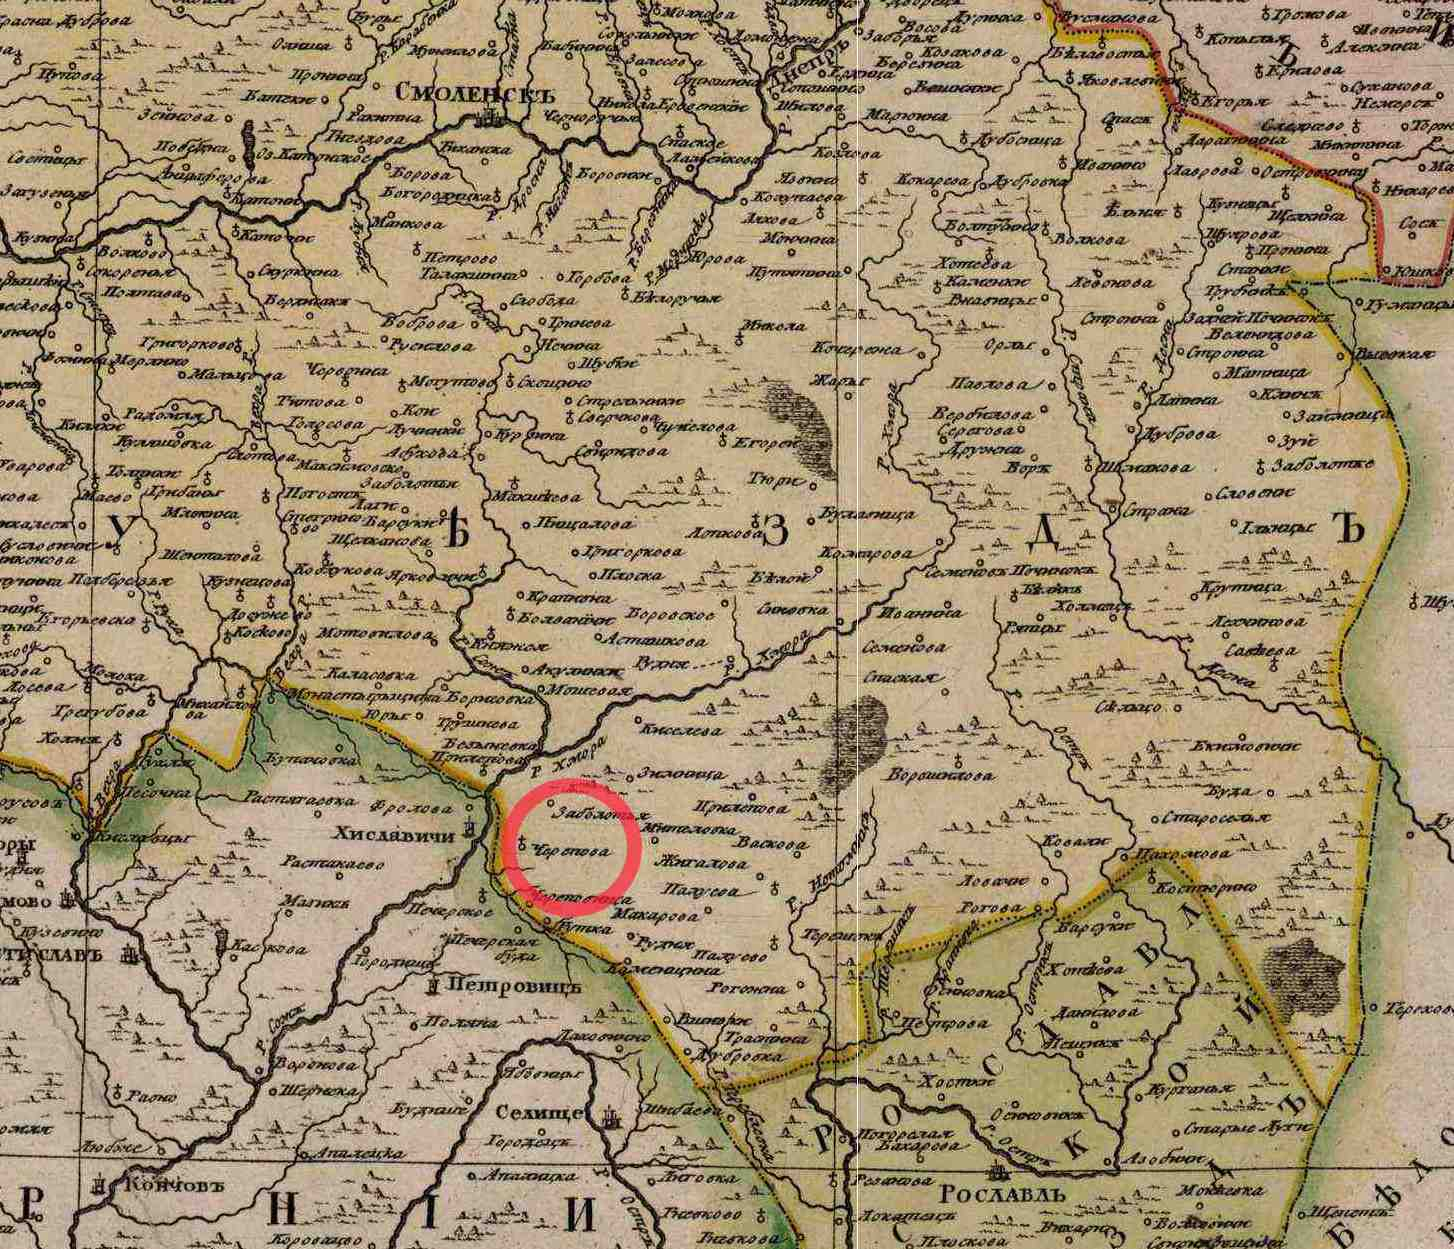 Фрагмент карты Смоленской губернии 1773 года